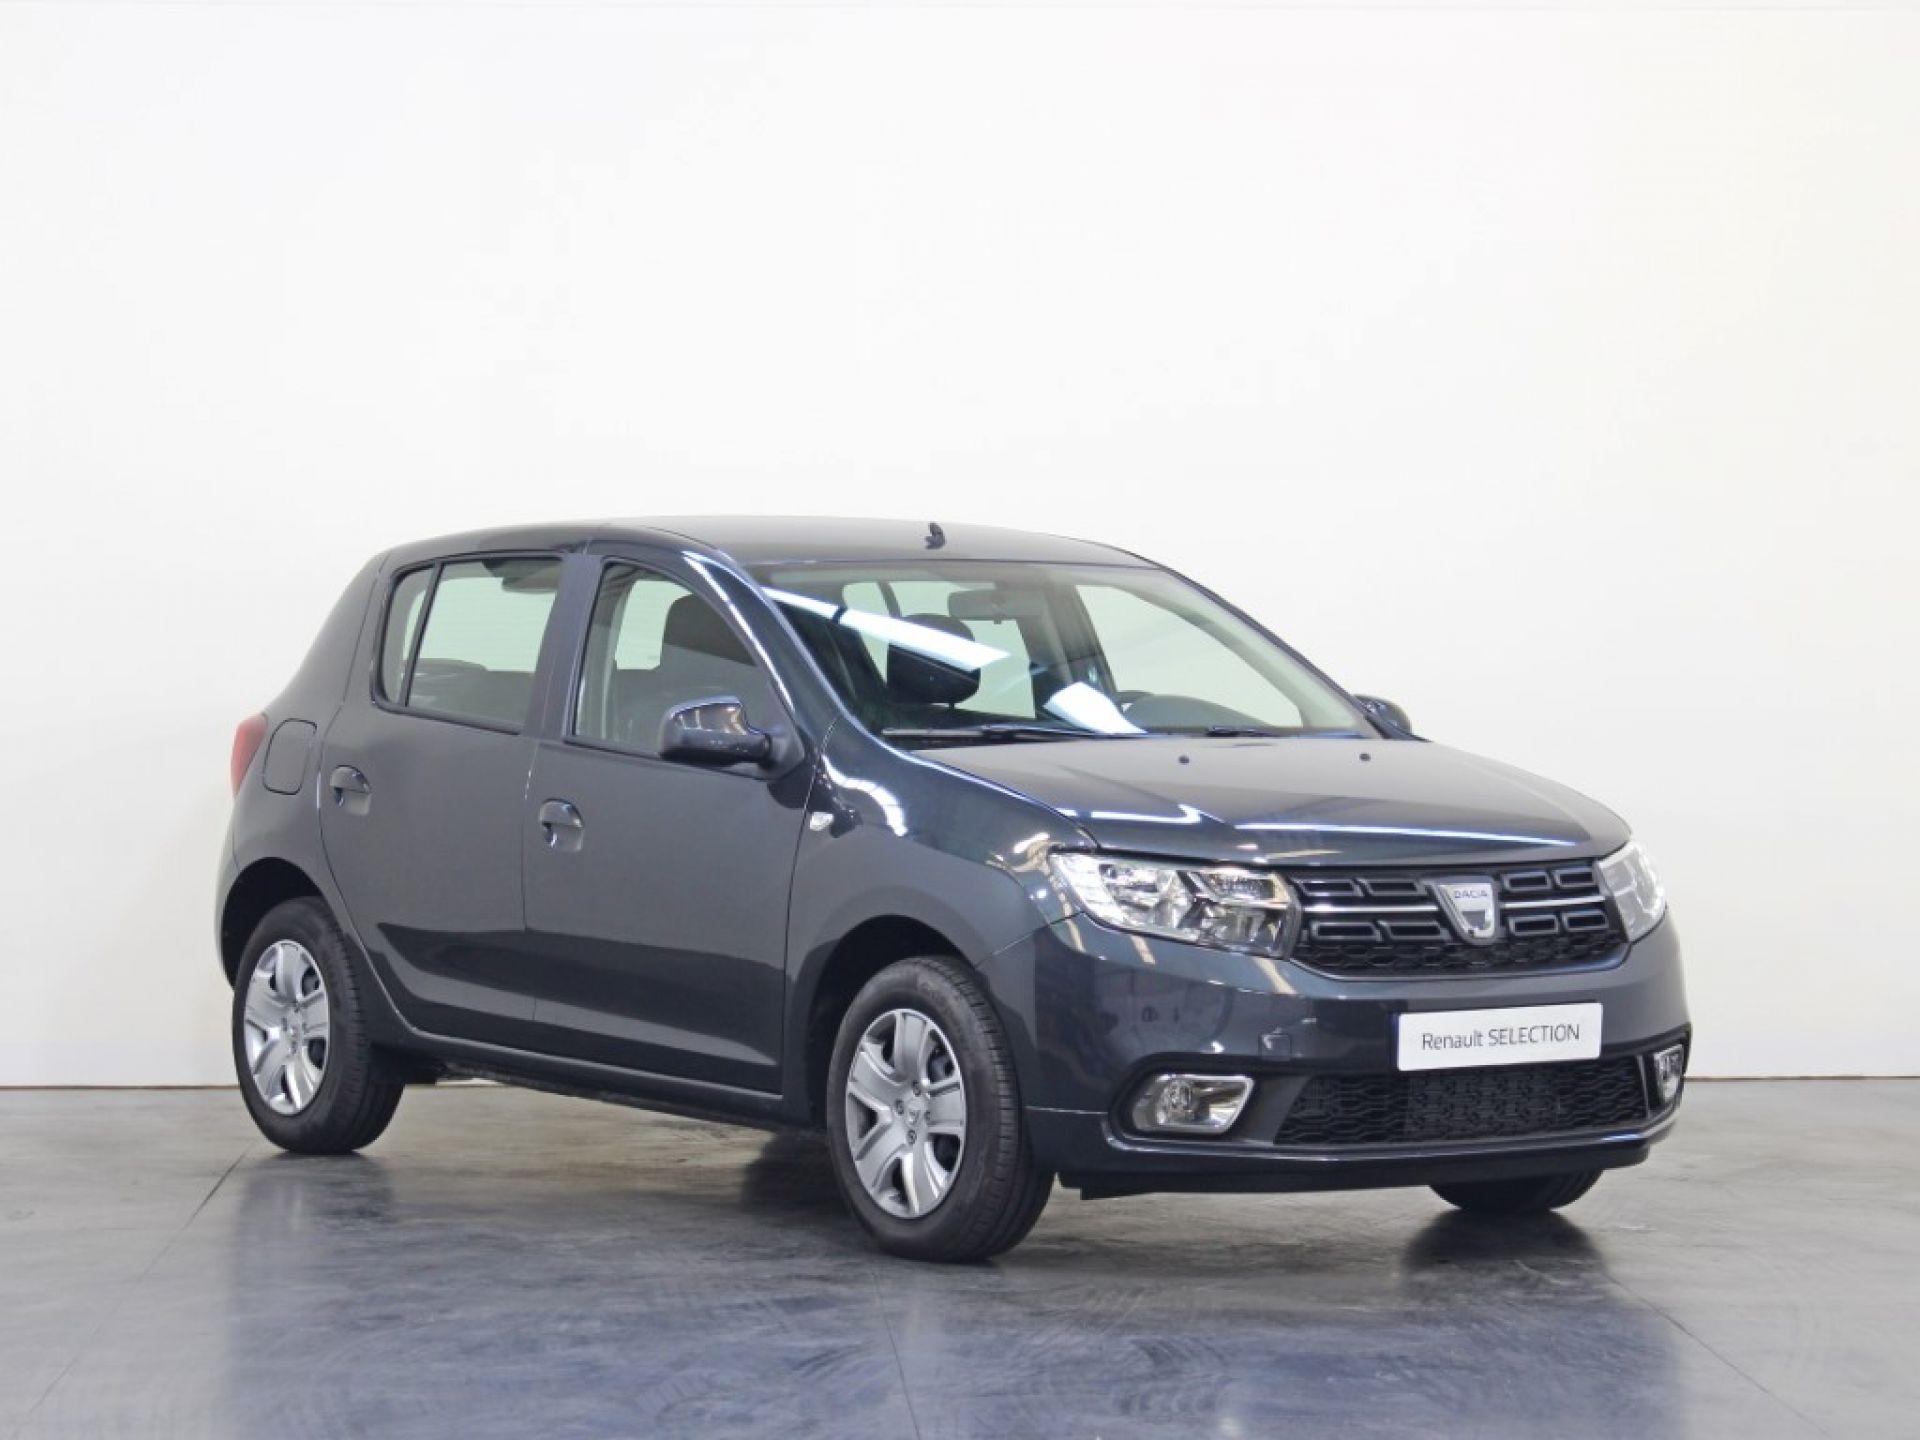 Dacia Sandero 1.5 Blue dCi 95cv Comfort segunda mão Porto